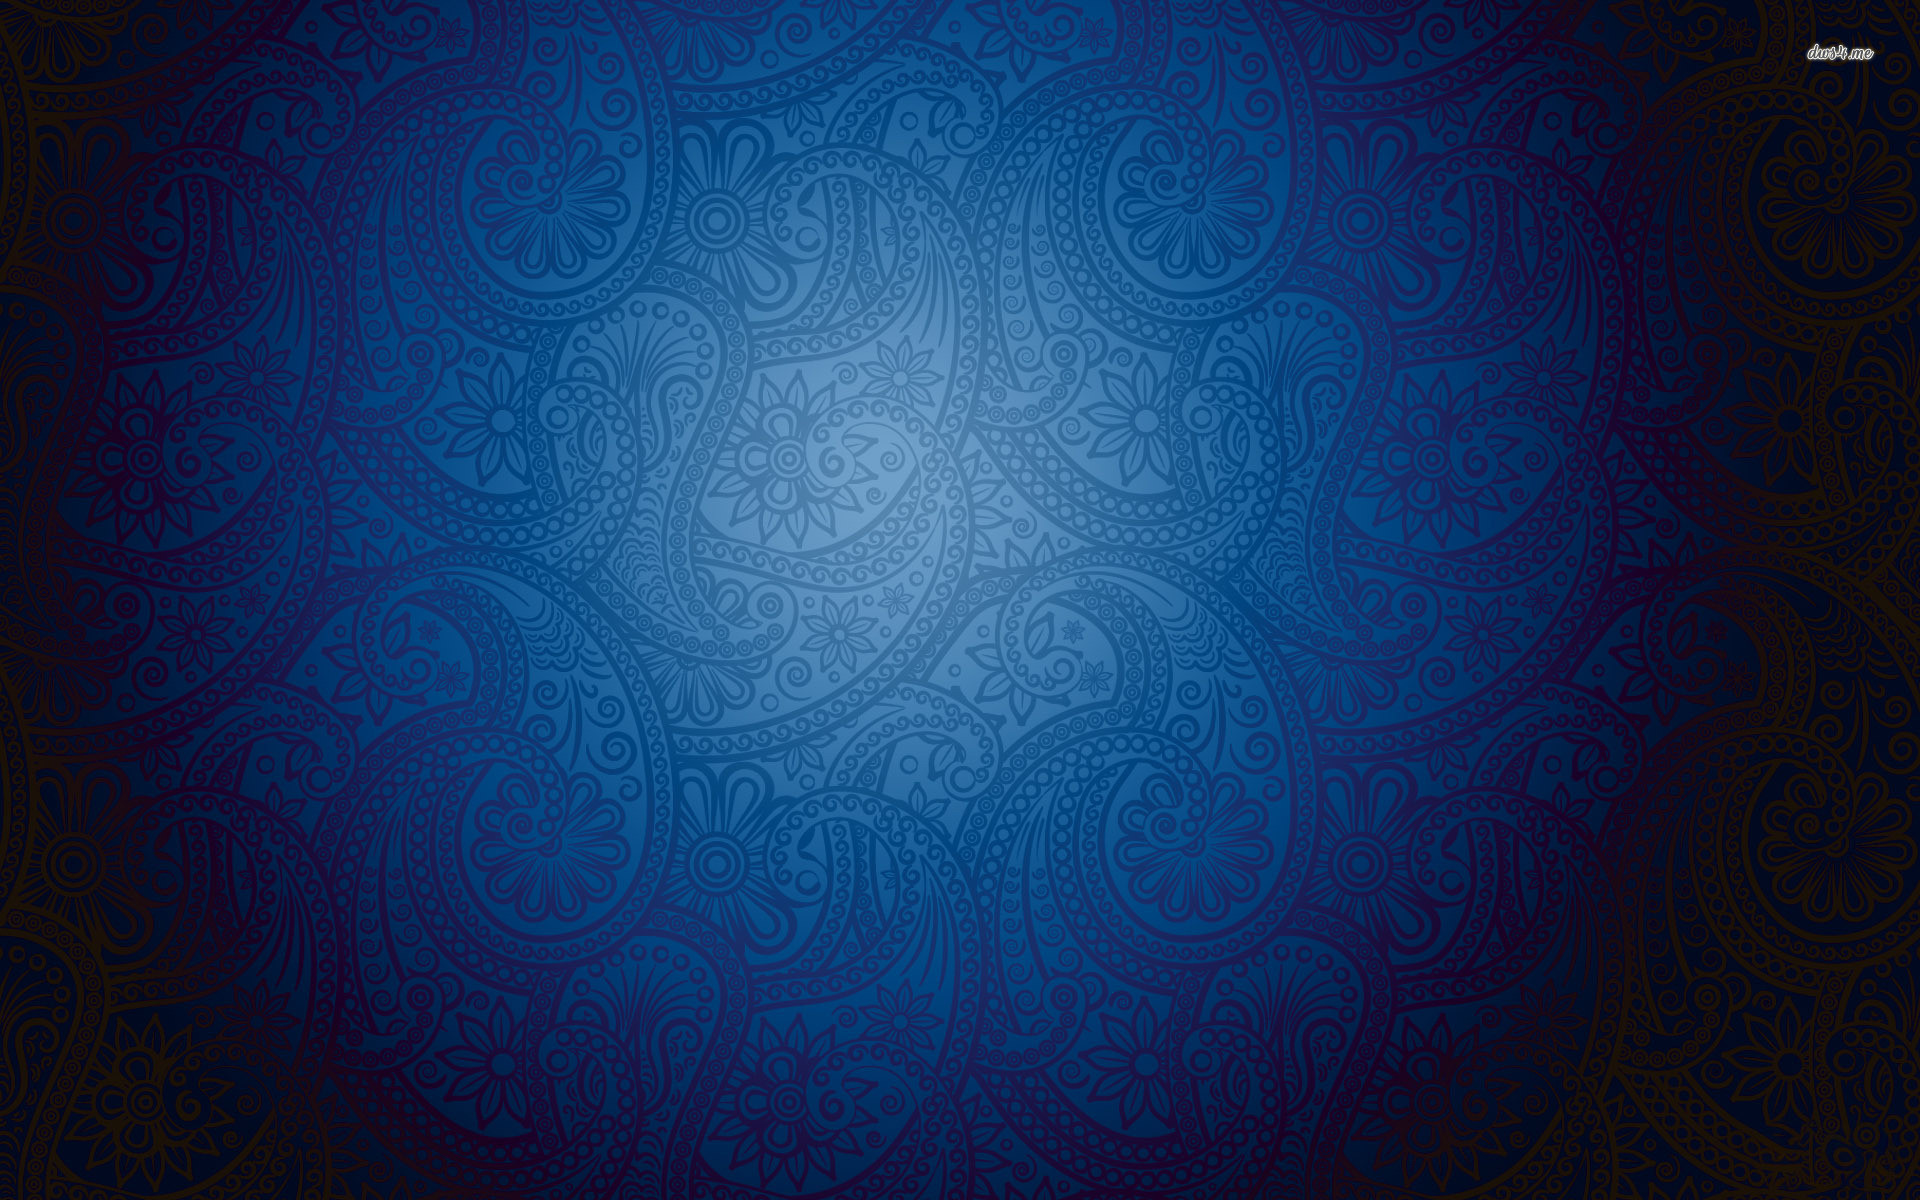 虚化背景设计图__背景底纹_底纹边框_设计图库_昵图网nipic.com |Masculine Blue Background